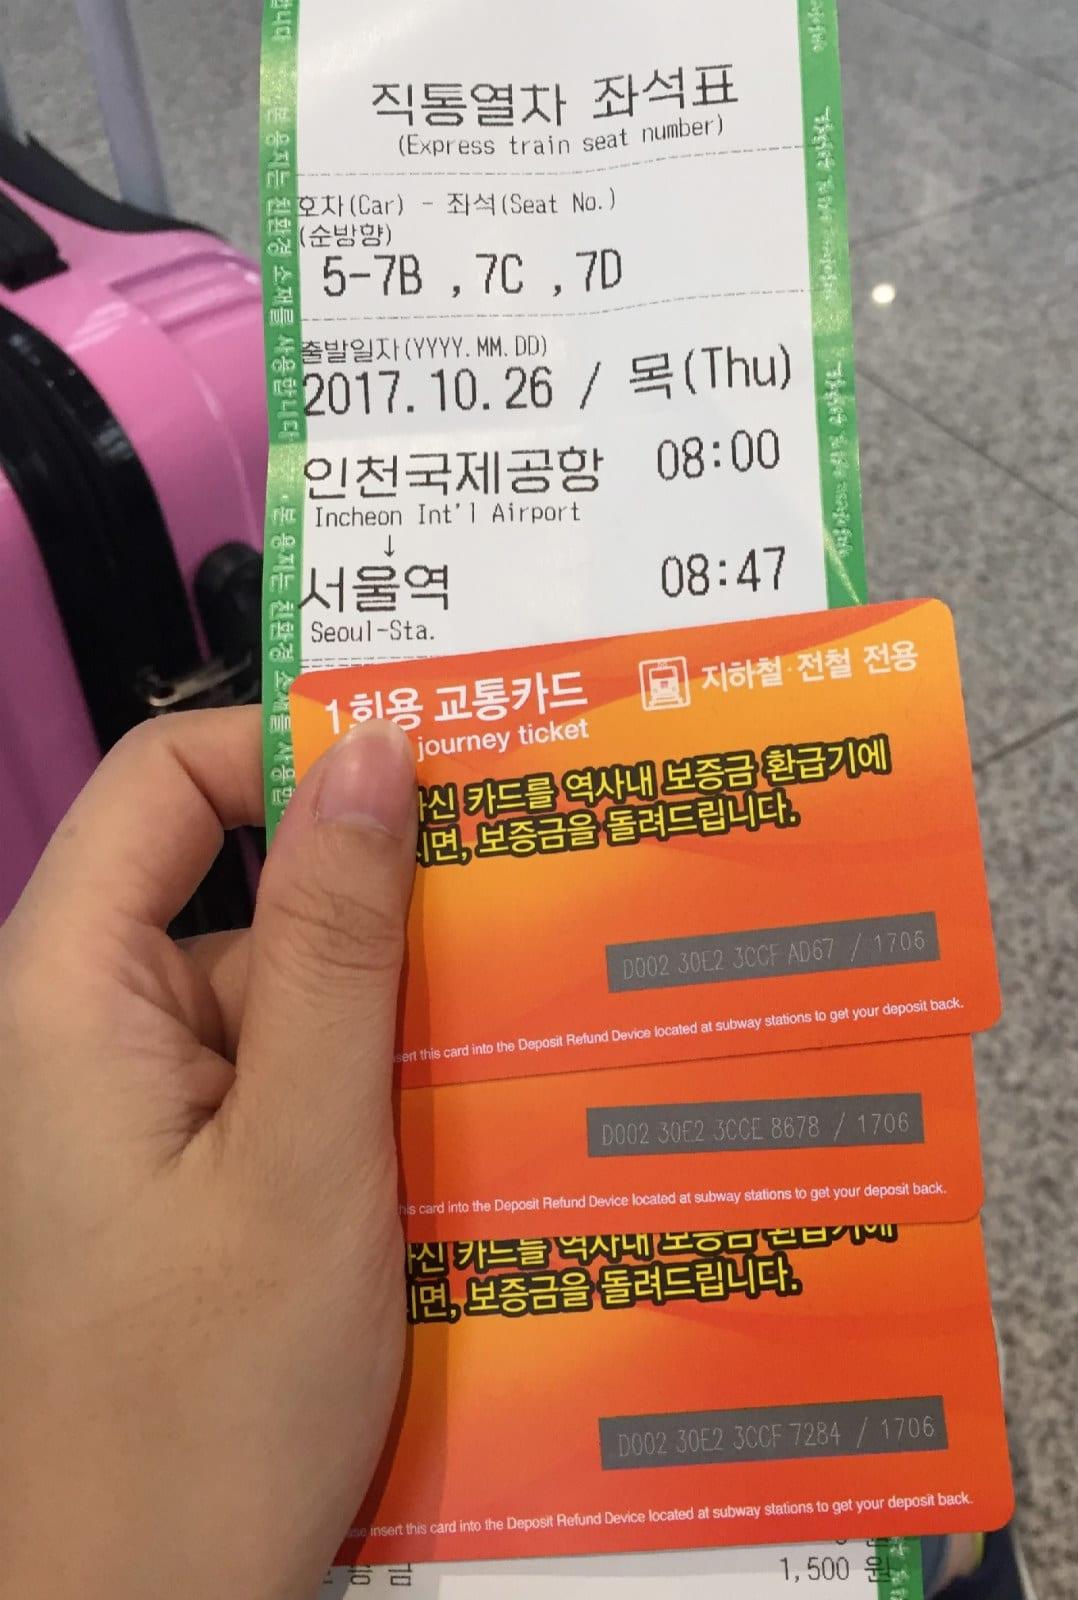 thẻ tàu arex express trong chuyến du lịch tự túc hàn quốc